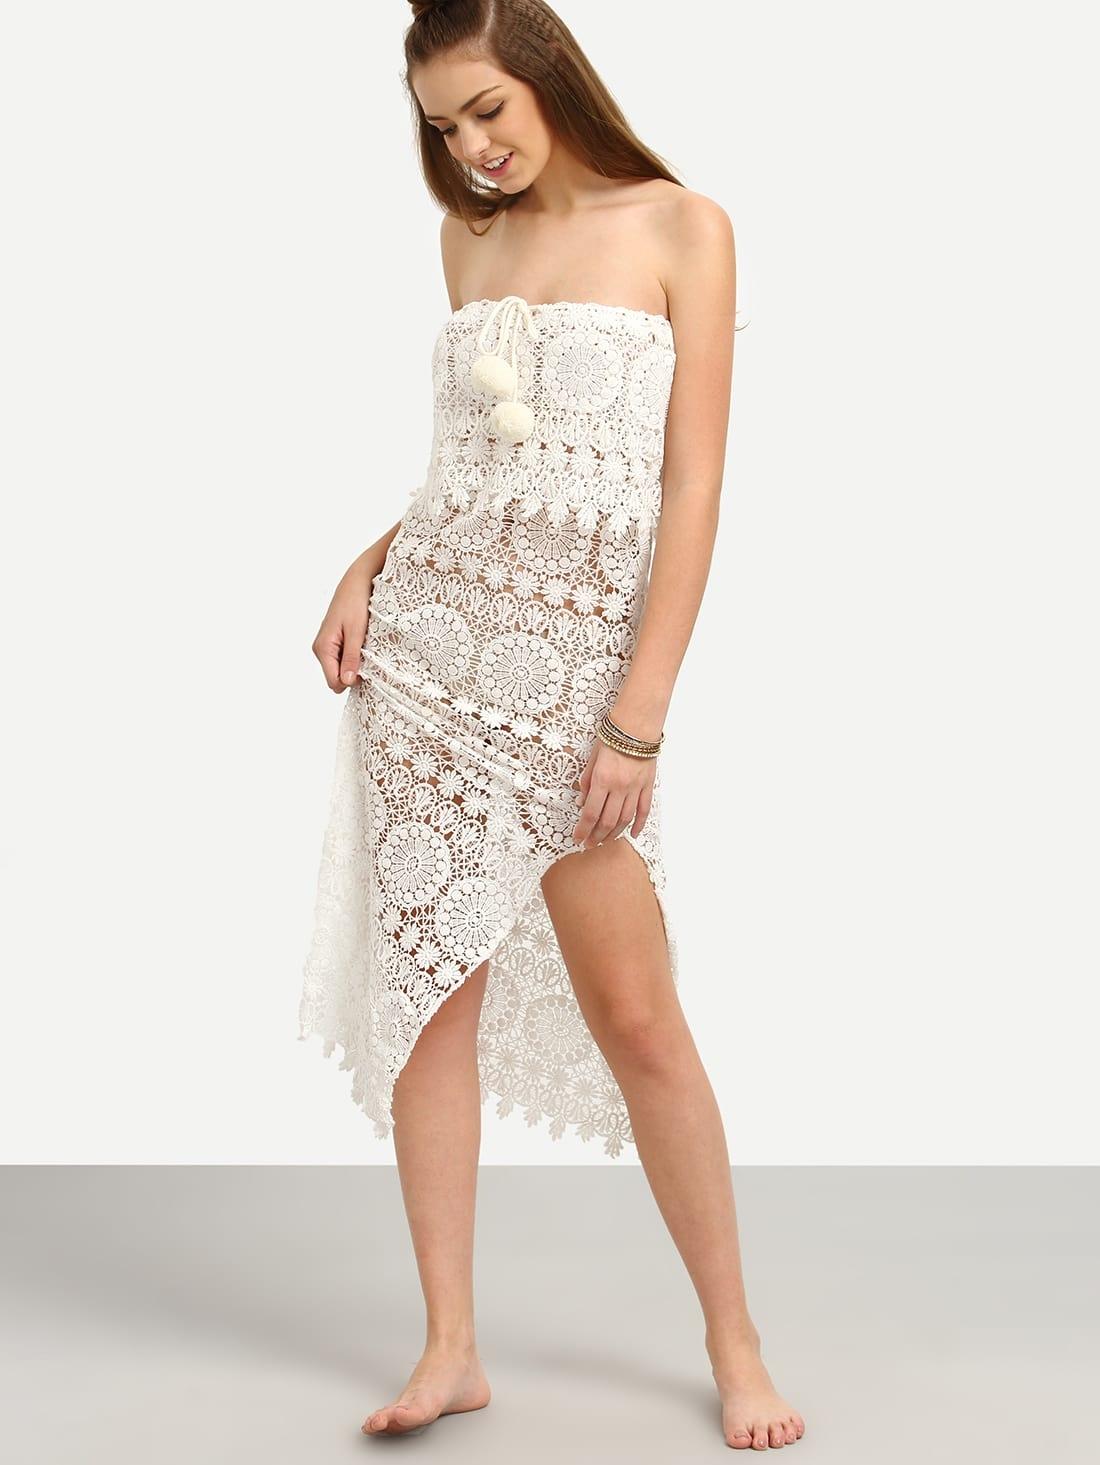 white crochet strapless split beach dress with pom pomfor